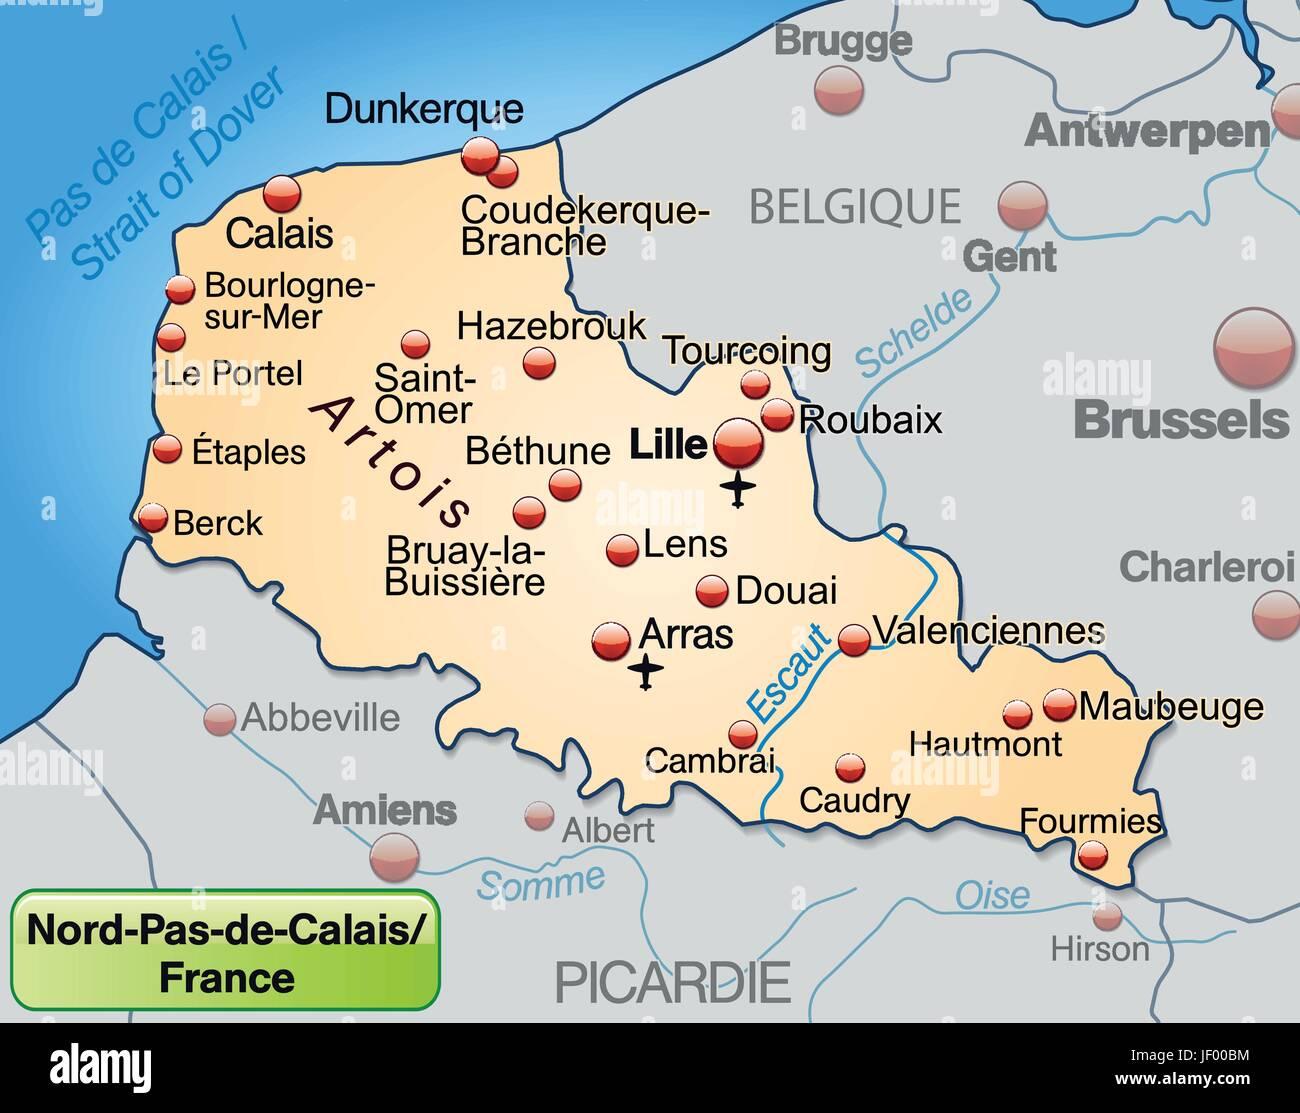 Cartina Stradale Francia Del Nord.Nord Pas De Calais In Francia Come Una Mappa Ambientale Di Tutte